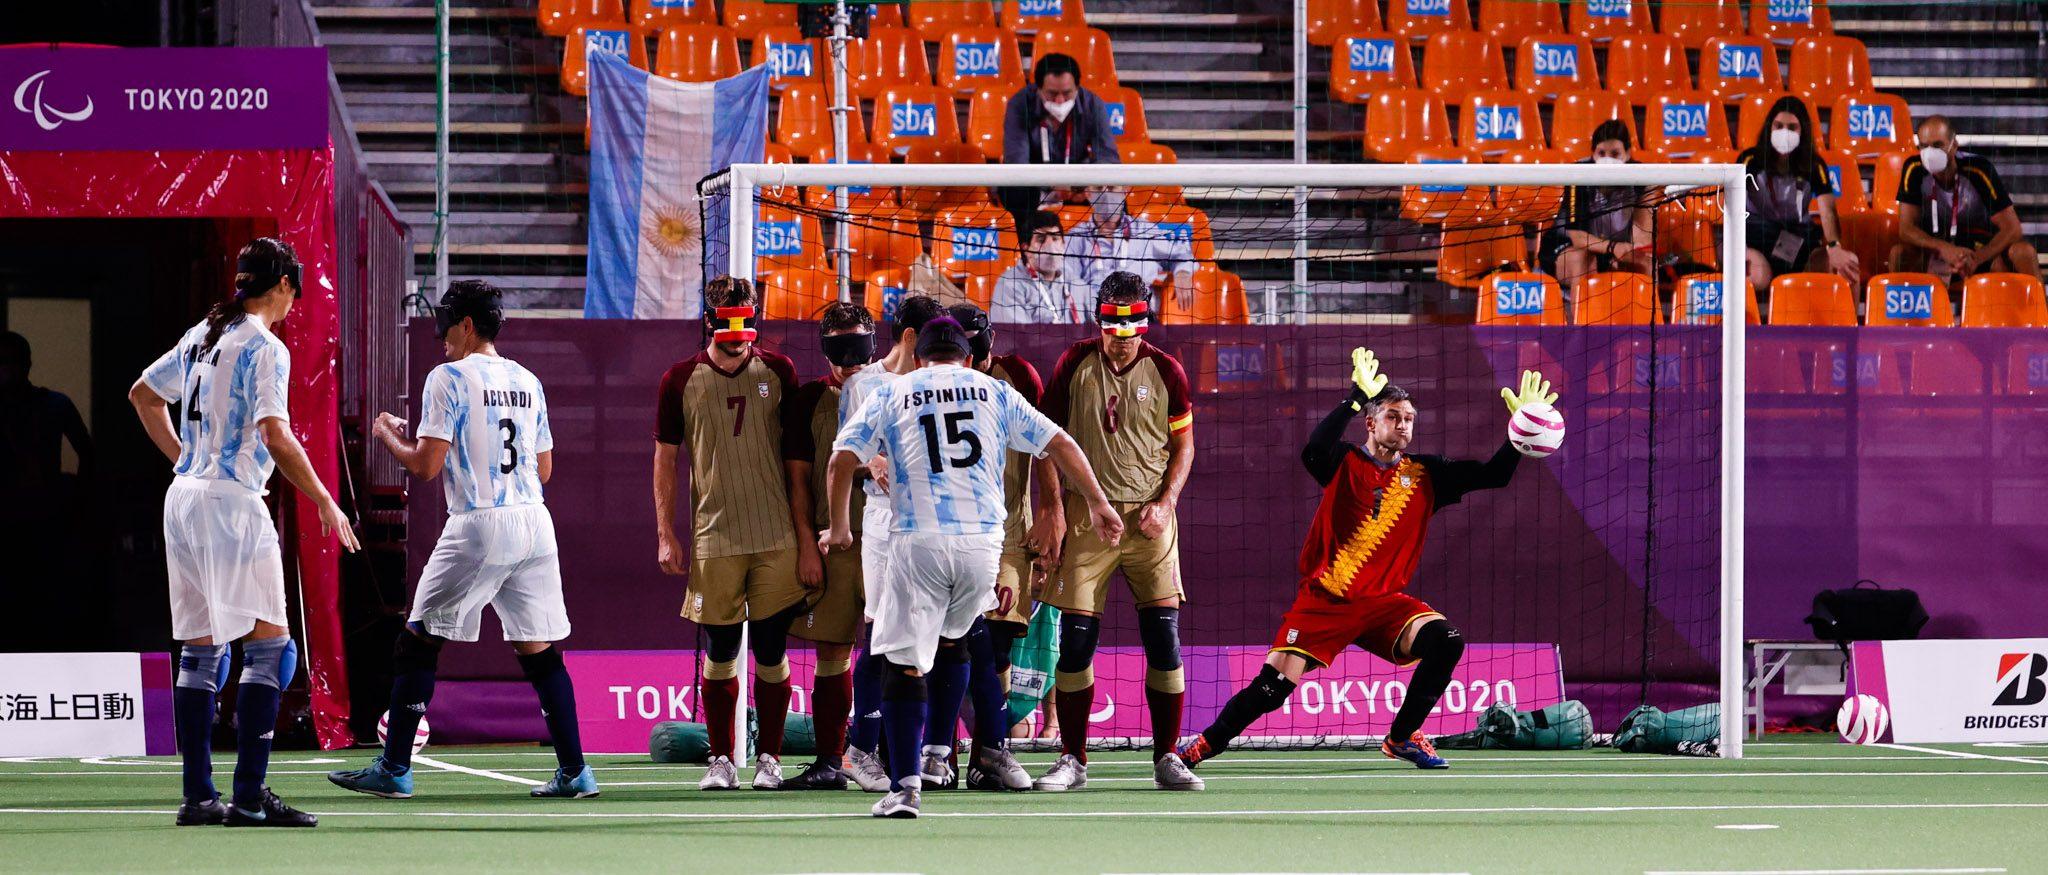 España vs Argentina en fútbol 5. Fuente: CPE